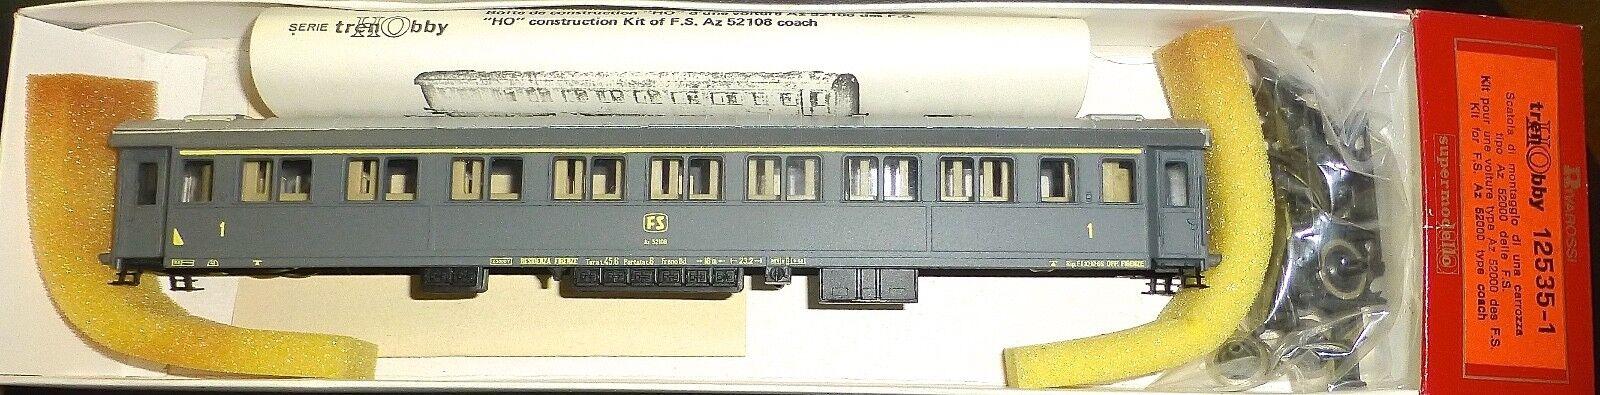 FS Az 52108 Vagones Kit Construcción Trenhobby rivarossi 12535-1 H0 1 87 Å